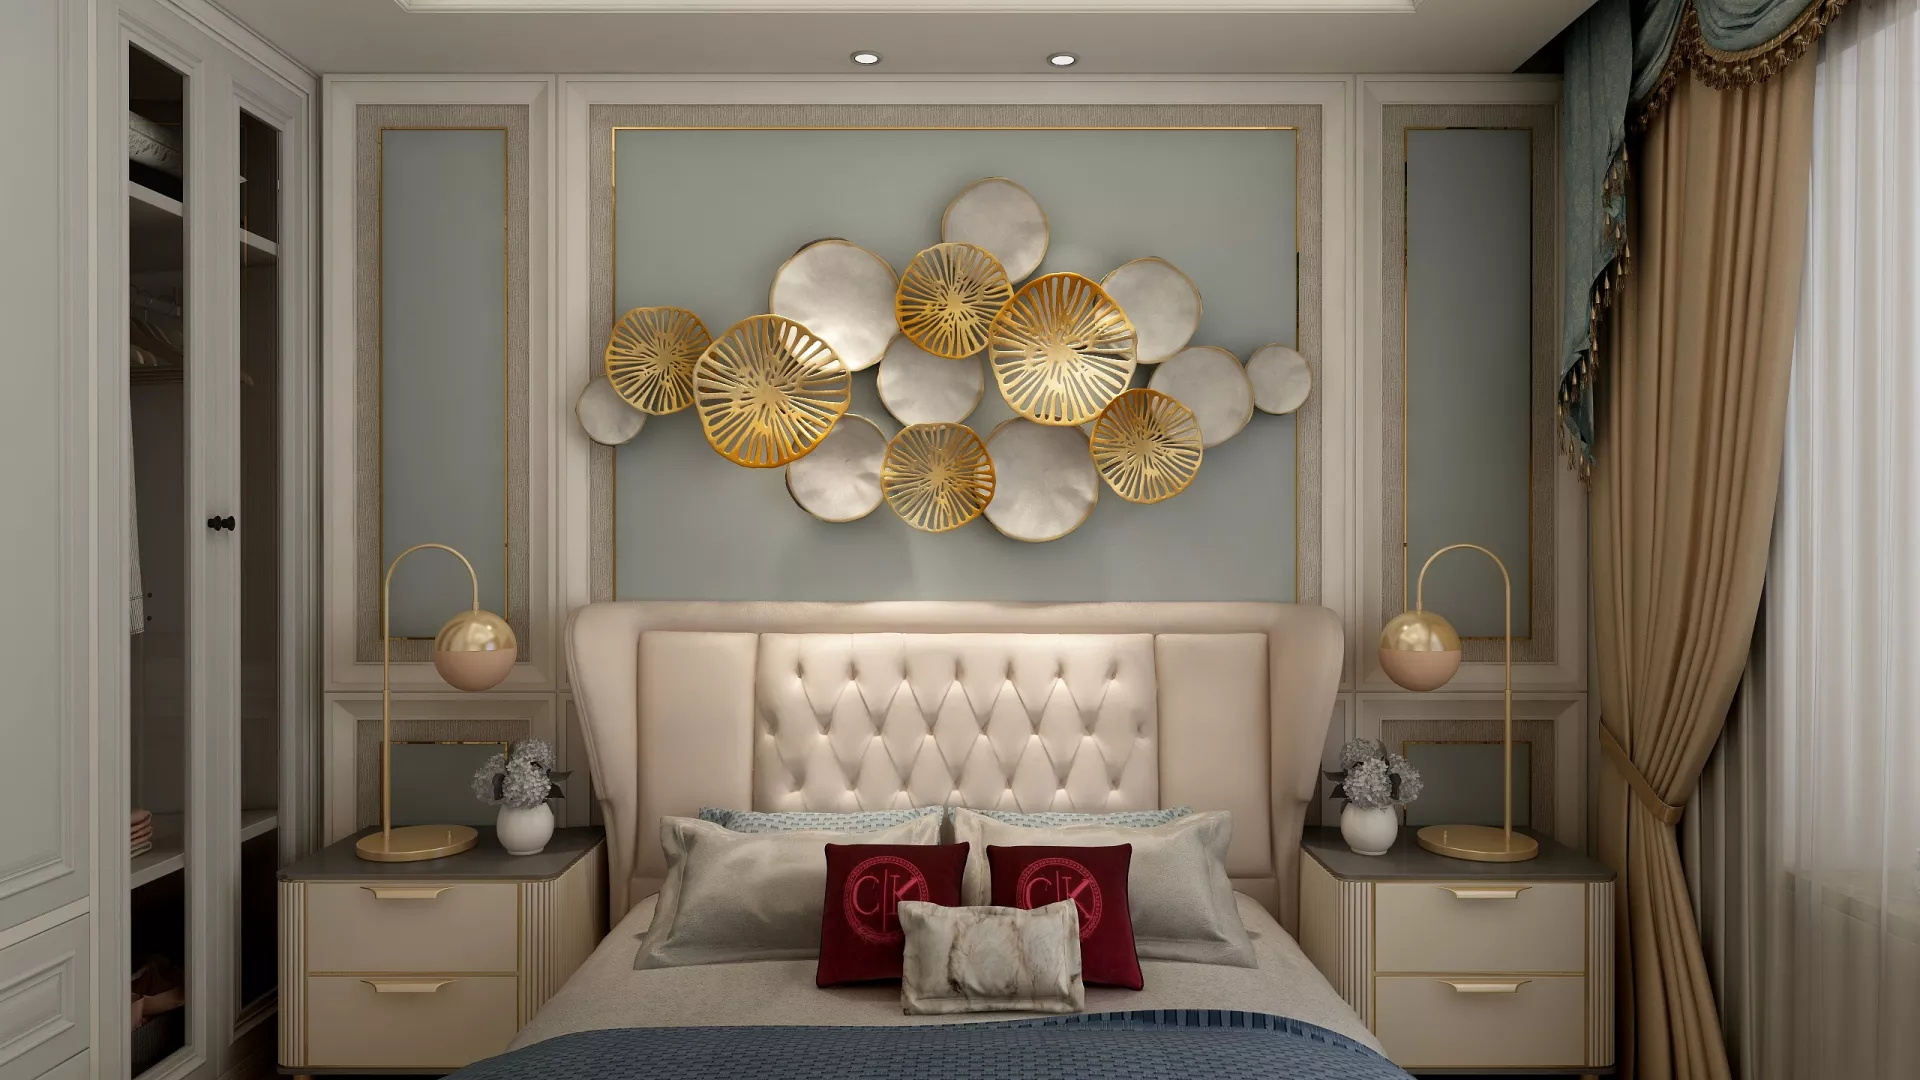 简约舒适温馨风格卧室装修效果图